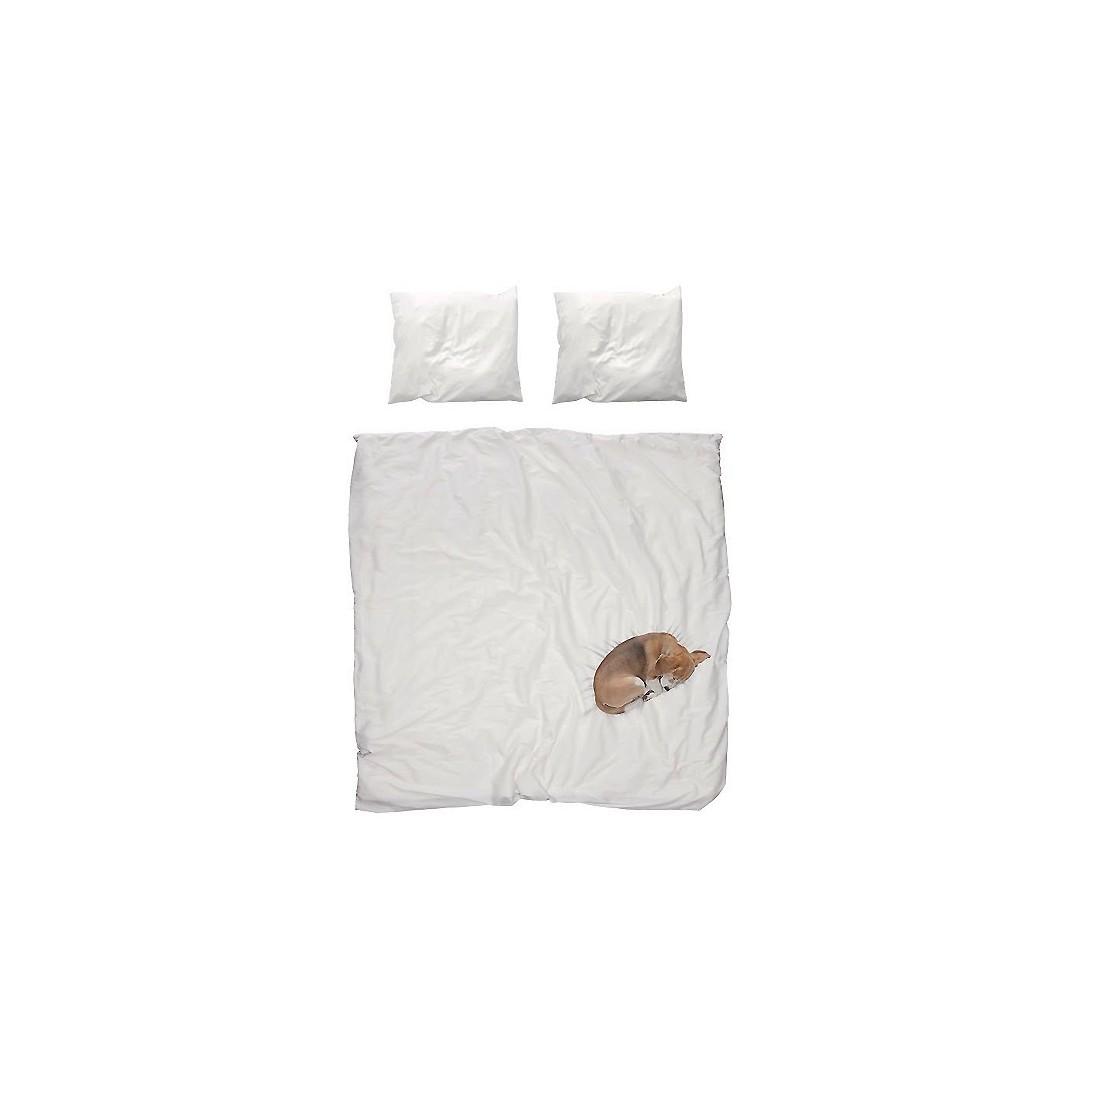 housse de couette enfant effet 3d chien bob snurk ma chambramoi. Black Bedroom Furniture Sets. Home Design Ideas